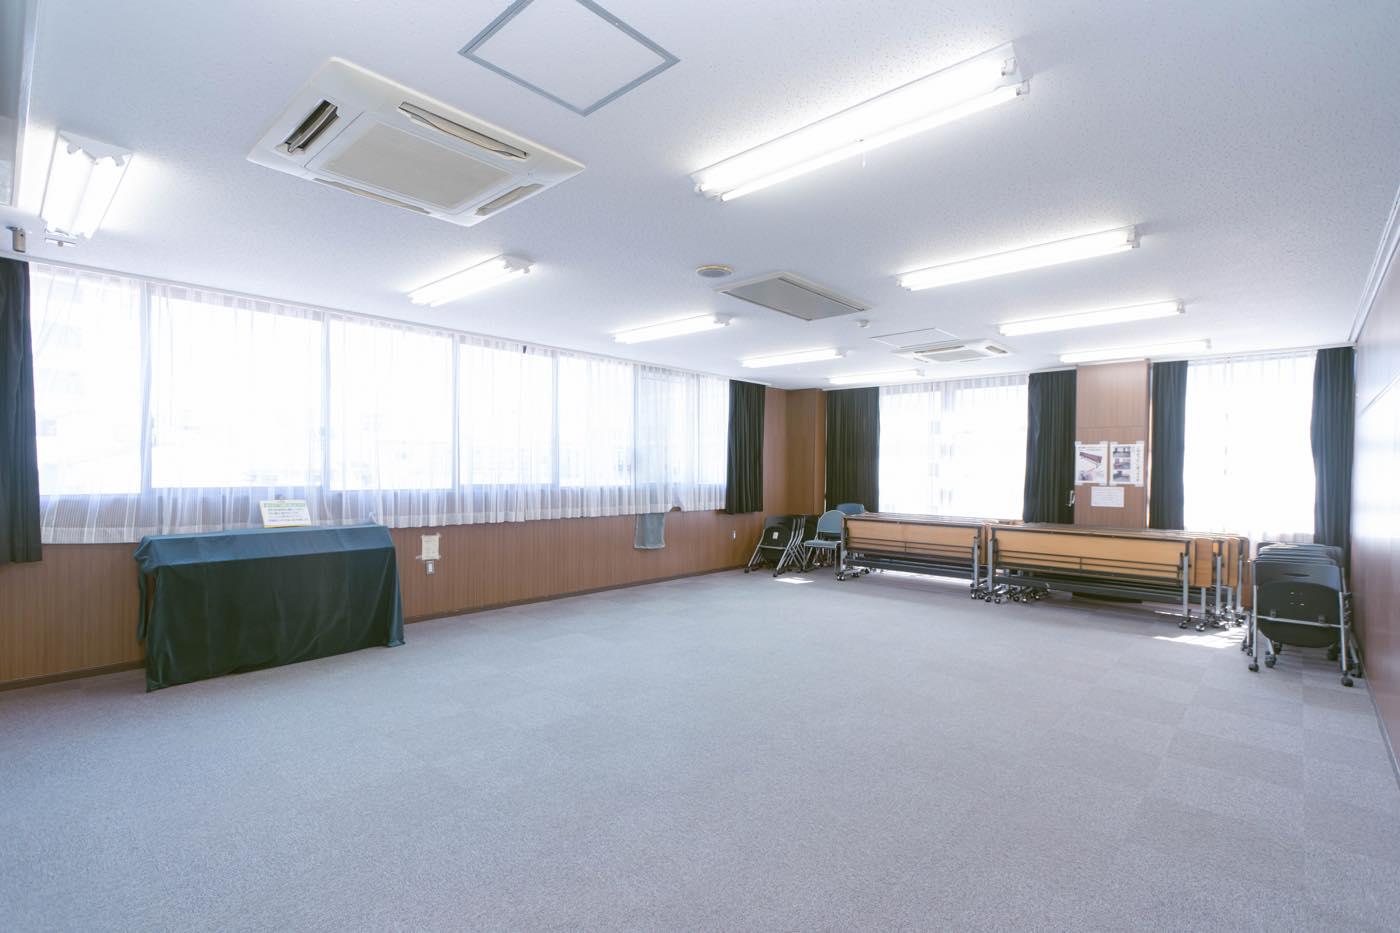 2F 講義室